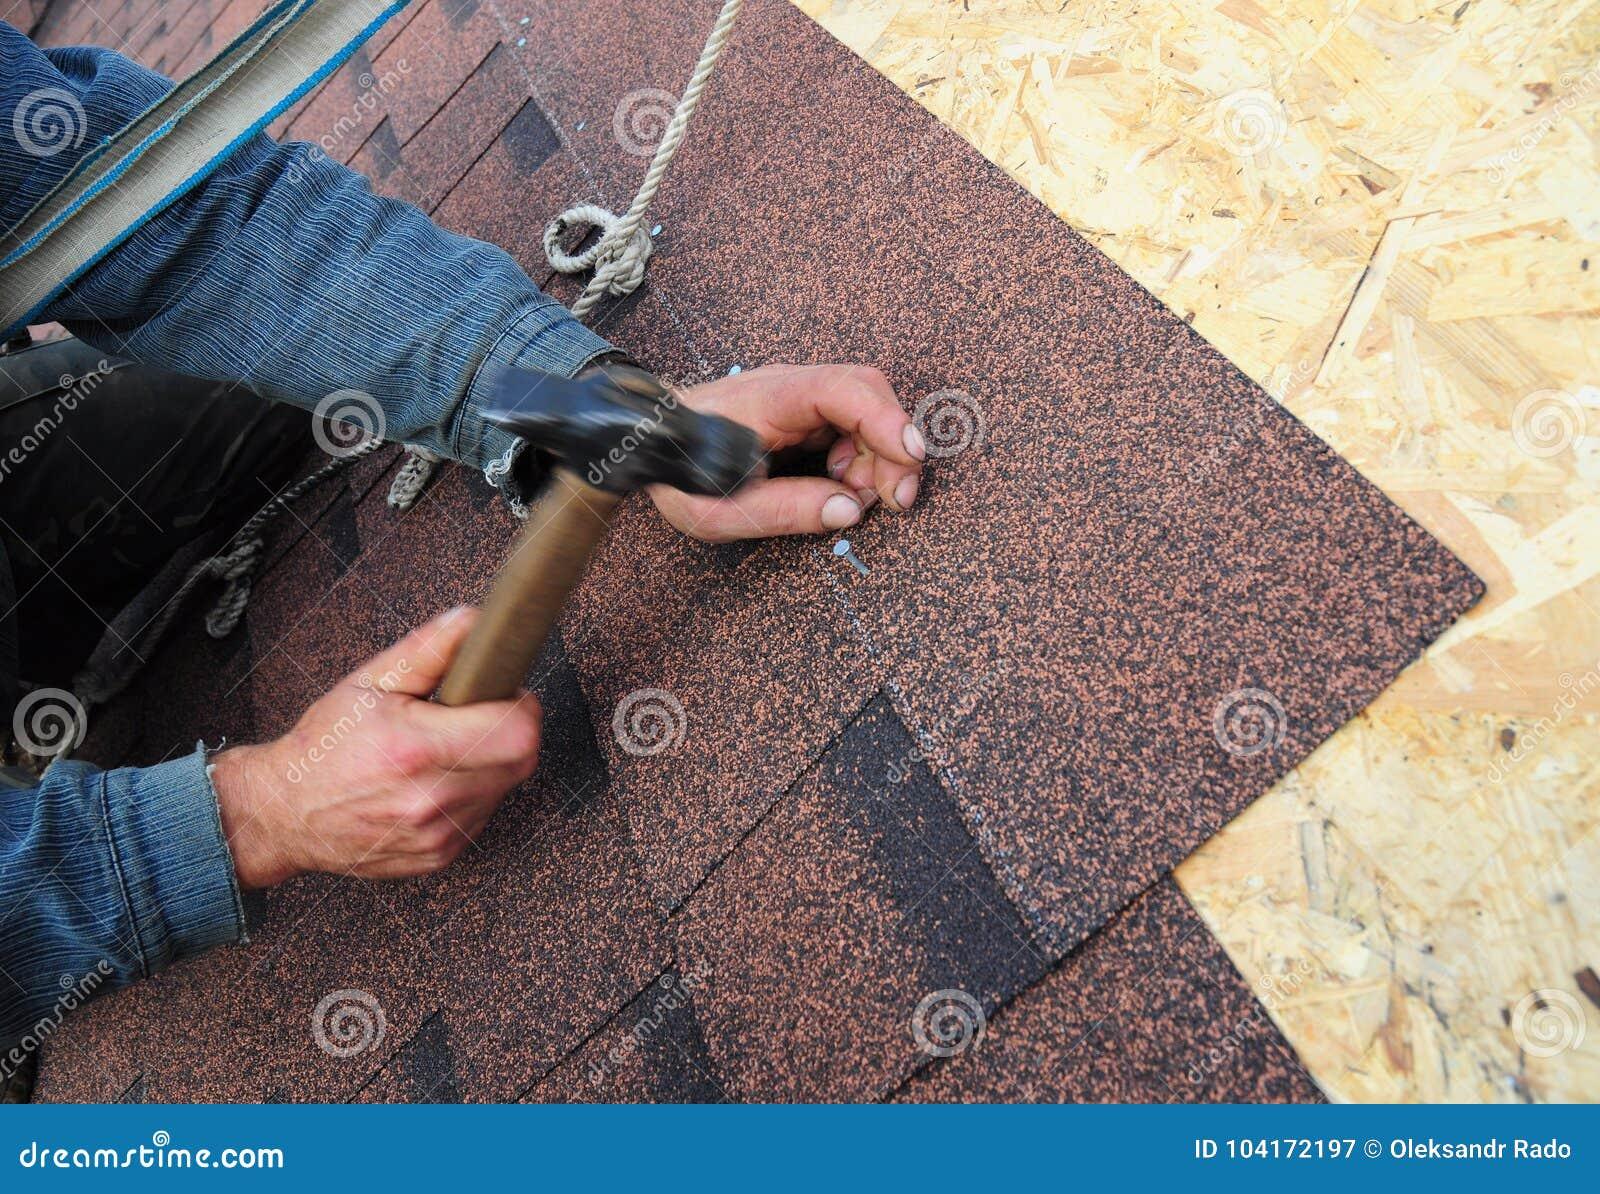 Το Roofer εγκαθιστά τα βότσαλα στεγών ασφάλτου Κλείστε επάνω την άποψη σχετικά με την εγκατάσταση βοτσάλων υλικού κατασκευής σκεπ